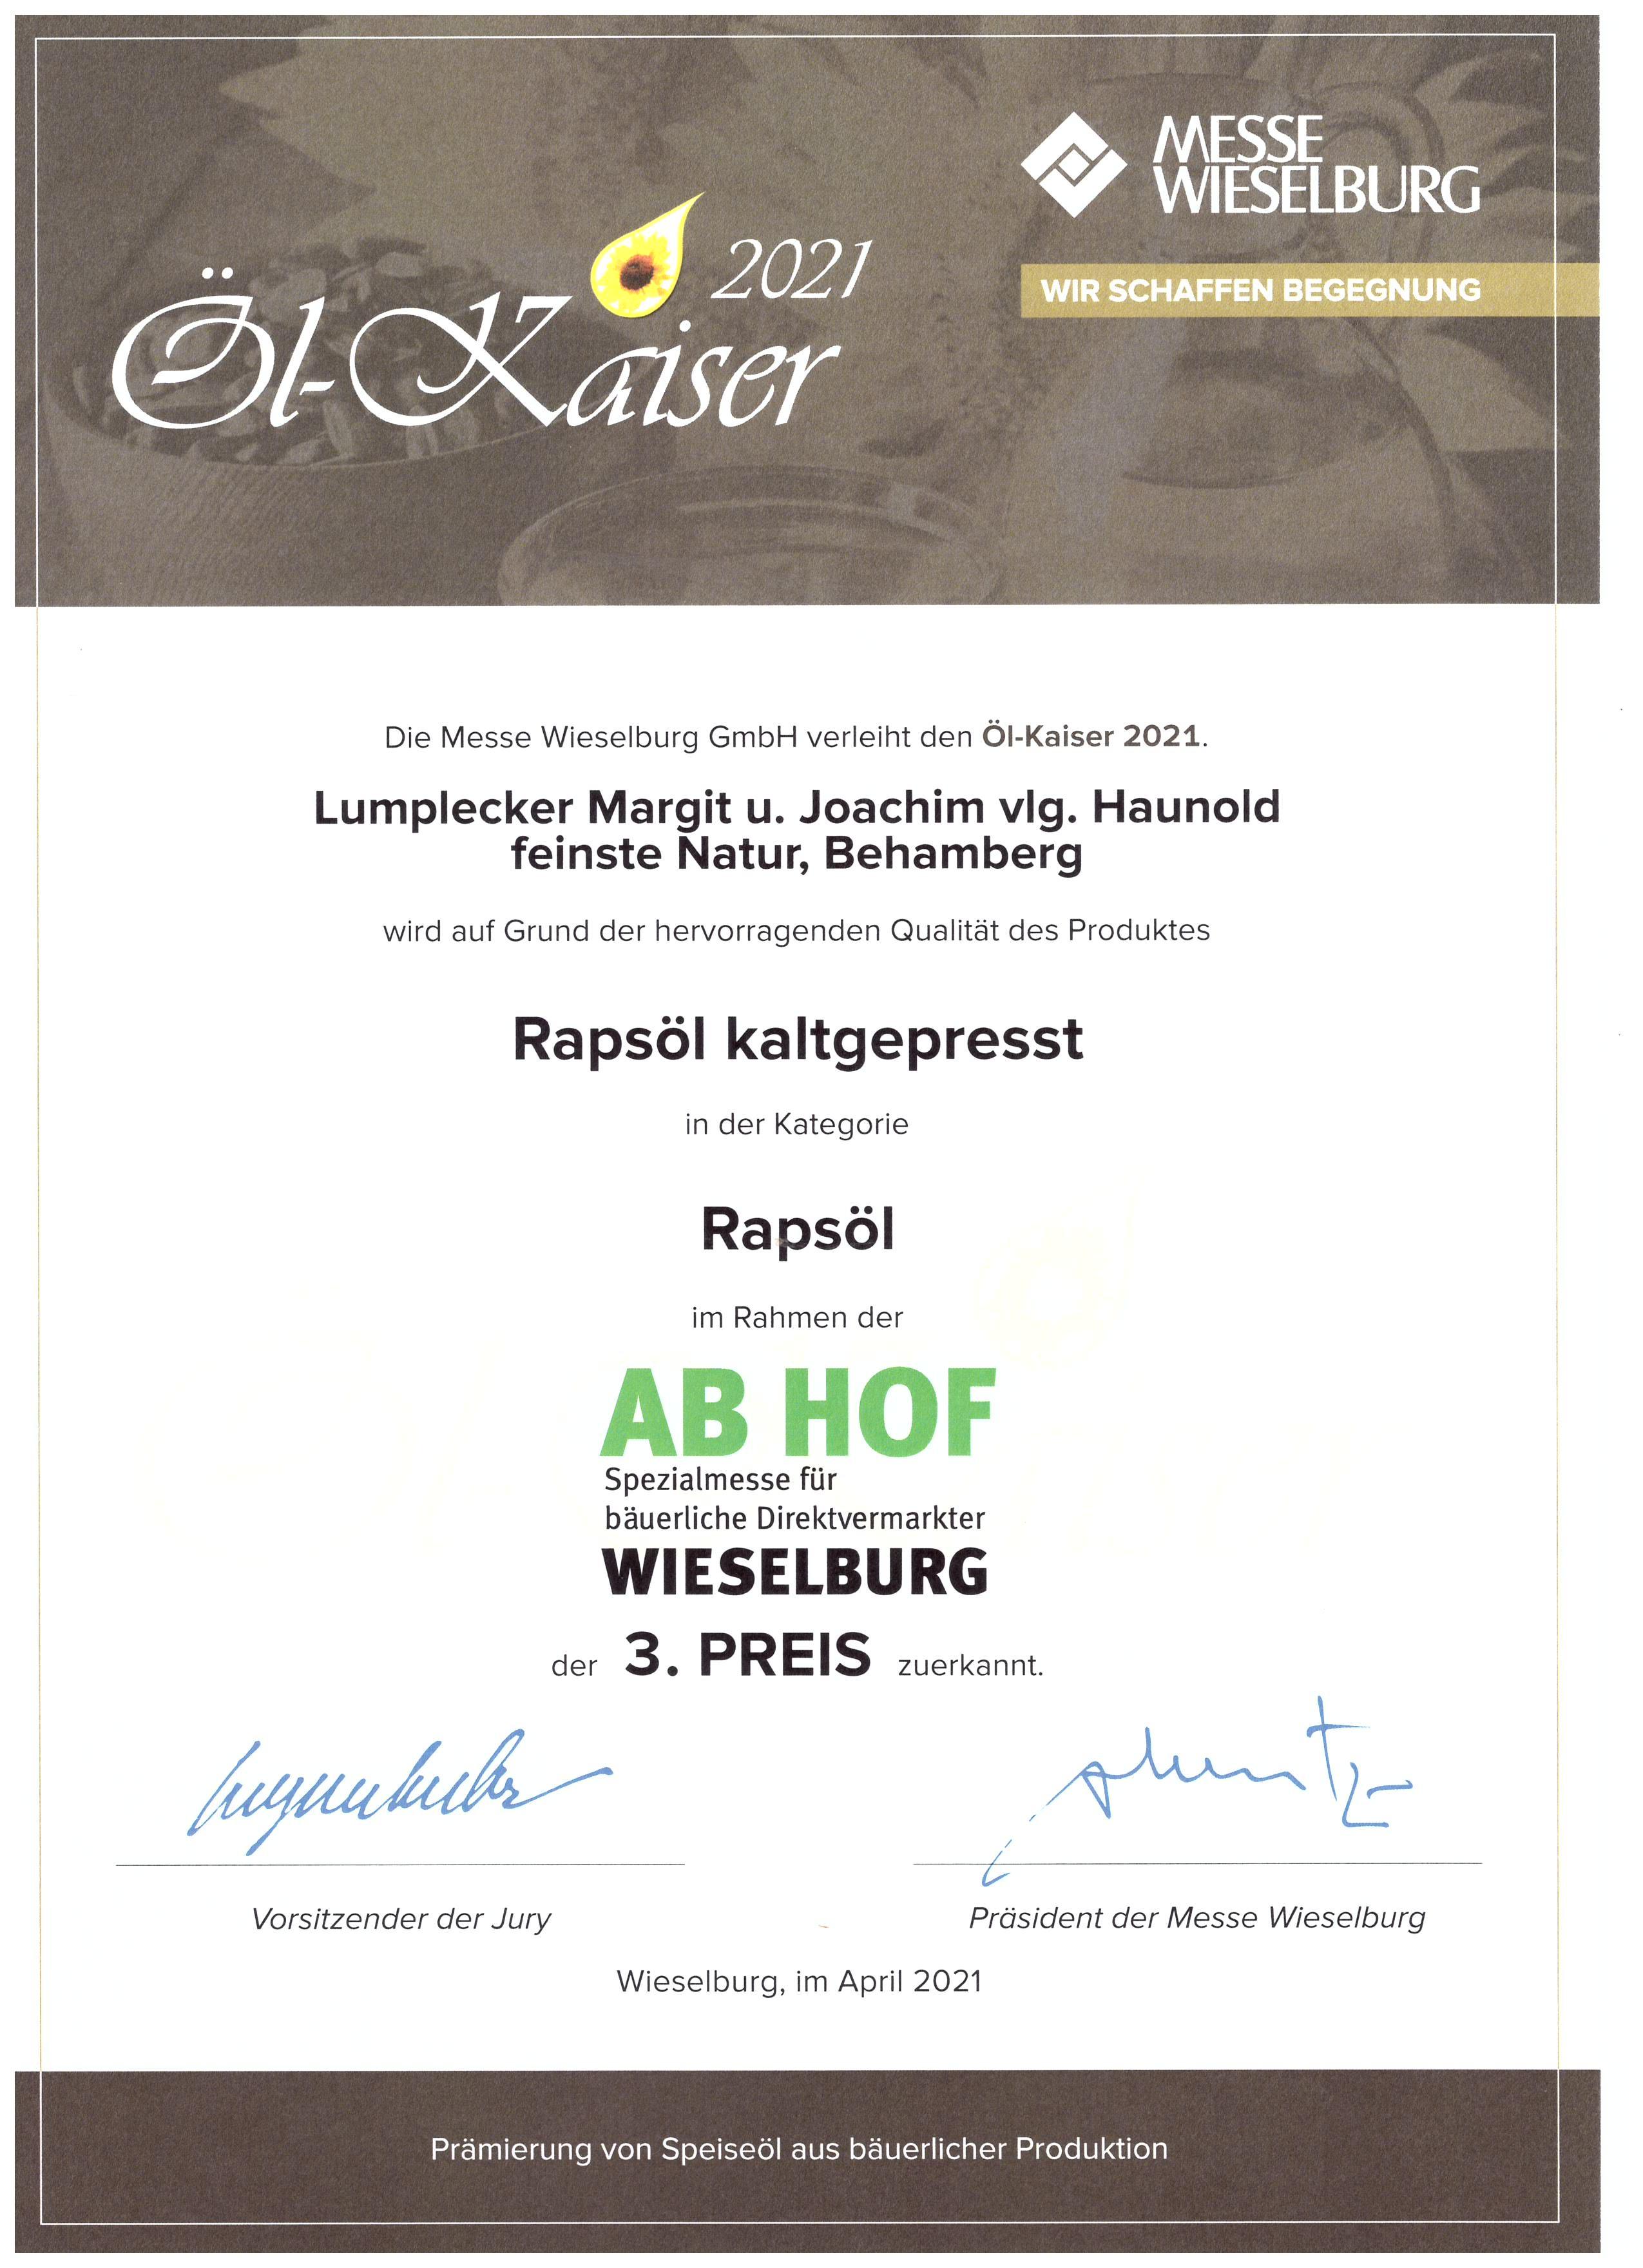 ÖL-Kaiser 2021, 3. Preis für Rapsöl